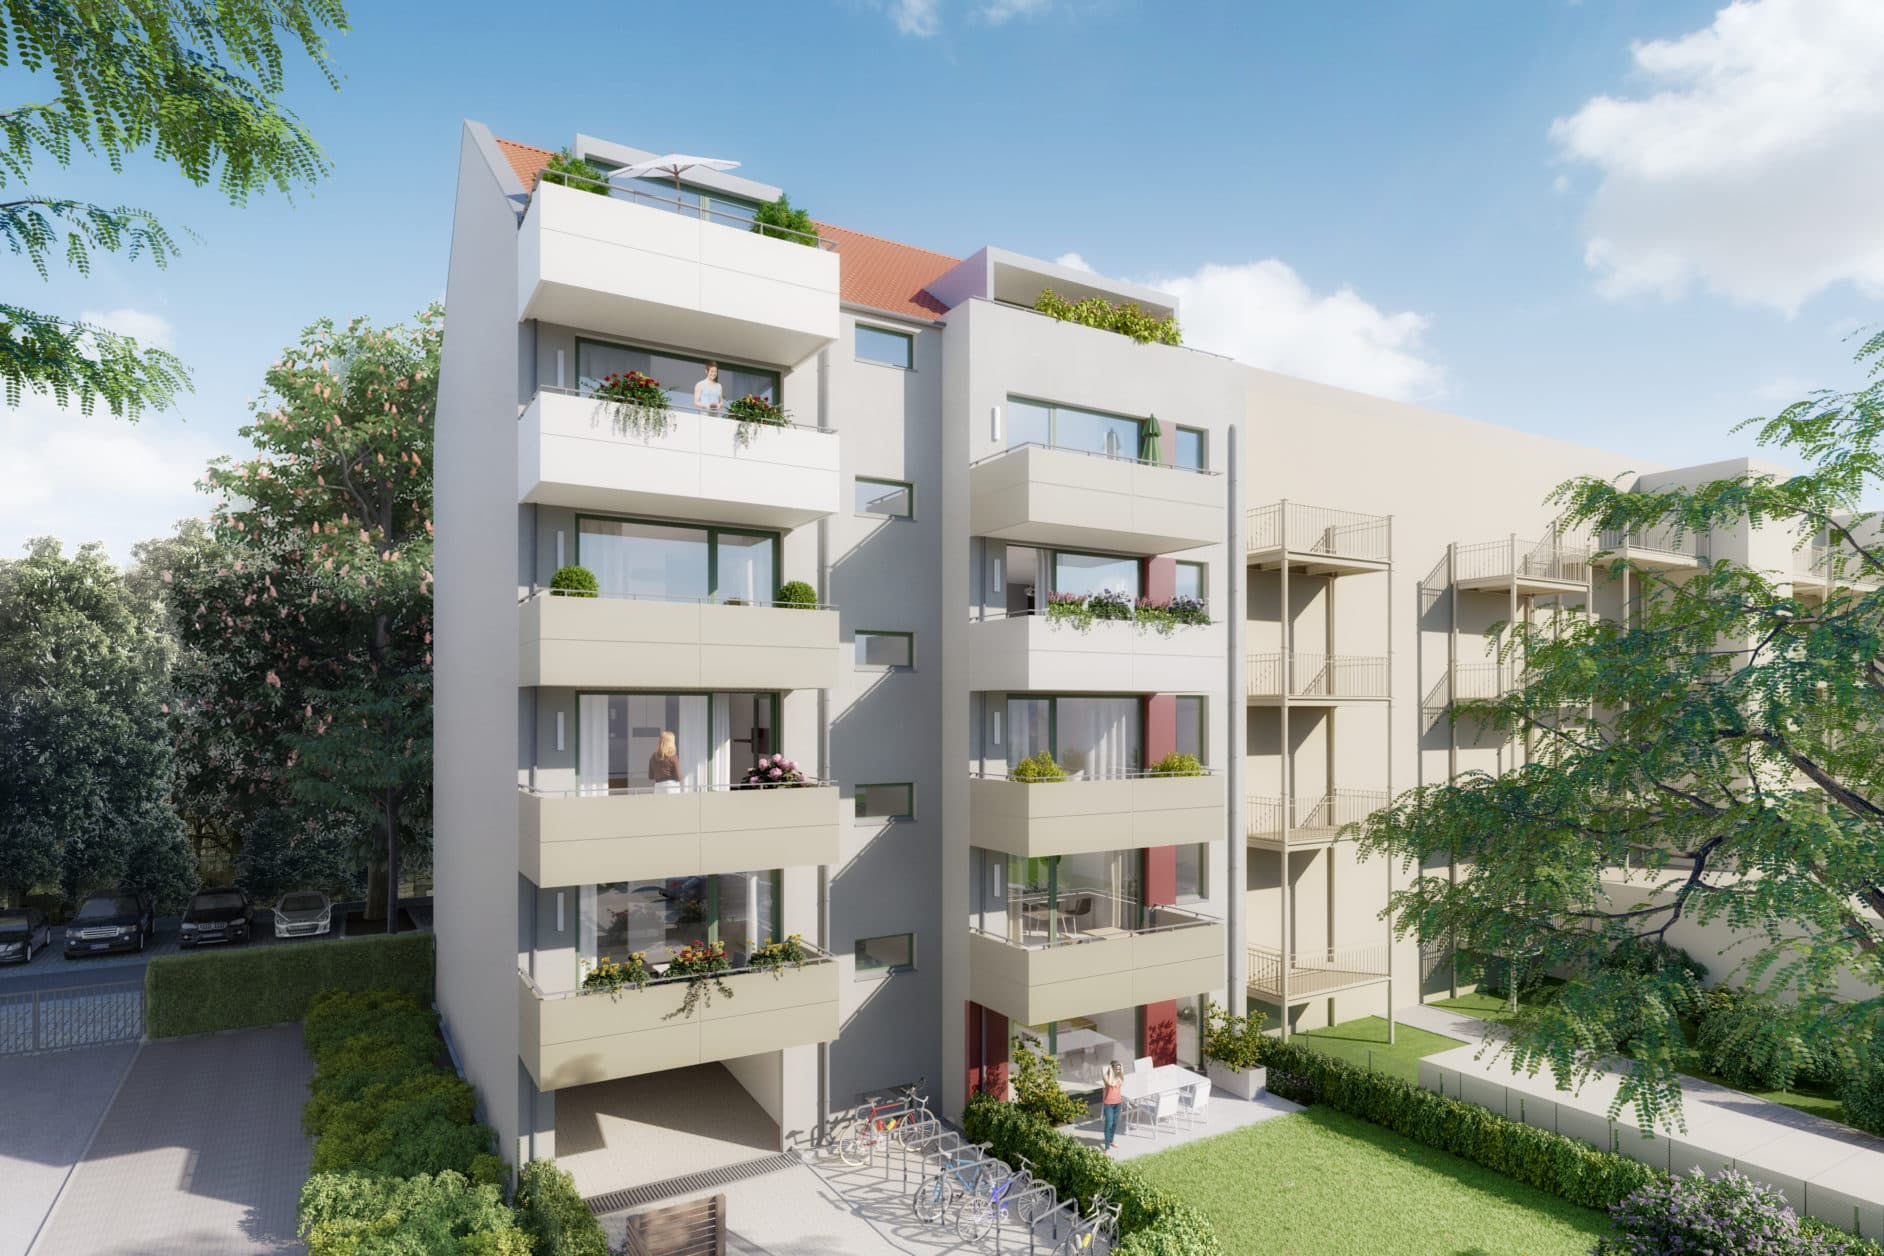 Bild Eigentumswohnung Zwickauer Str. 122 – Wohnung 10 2